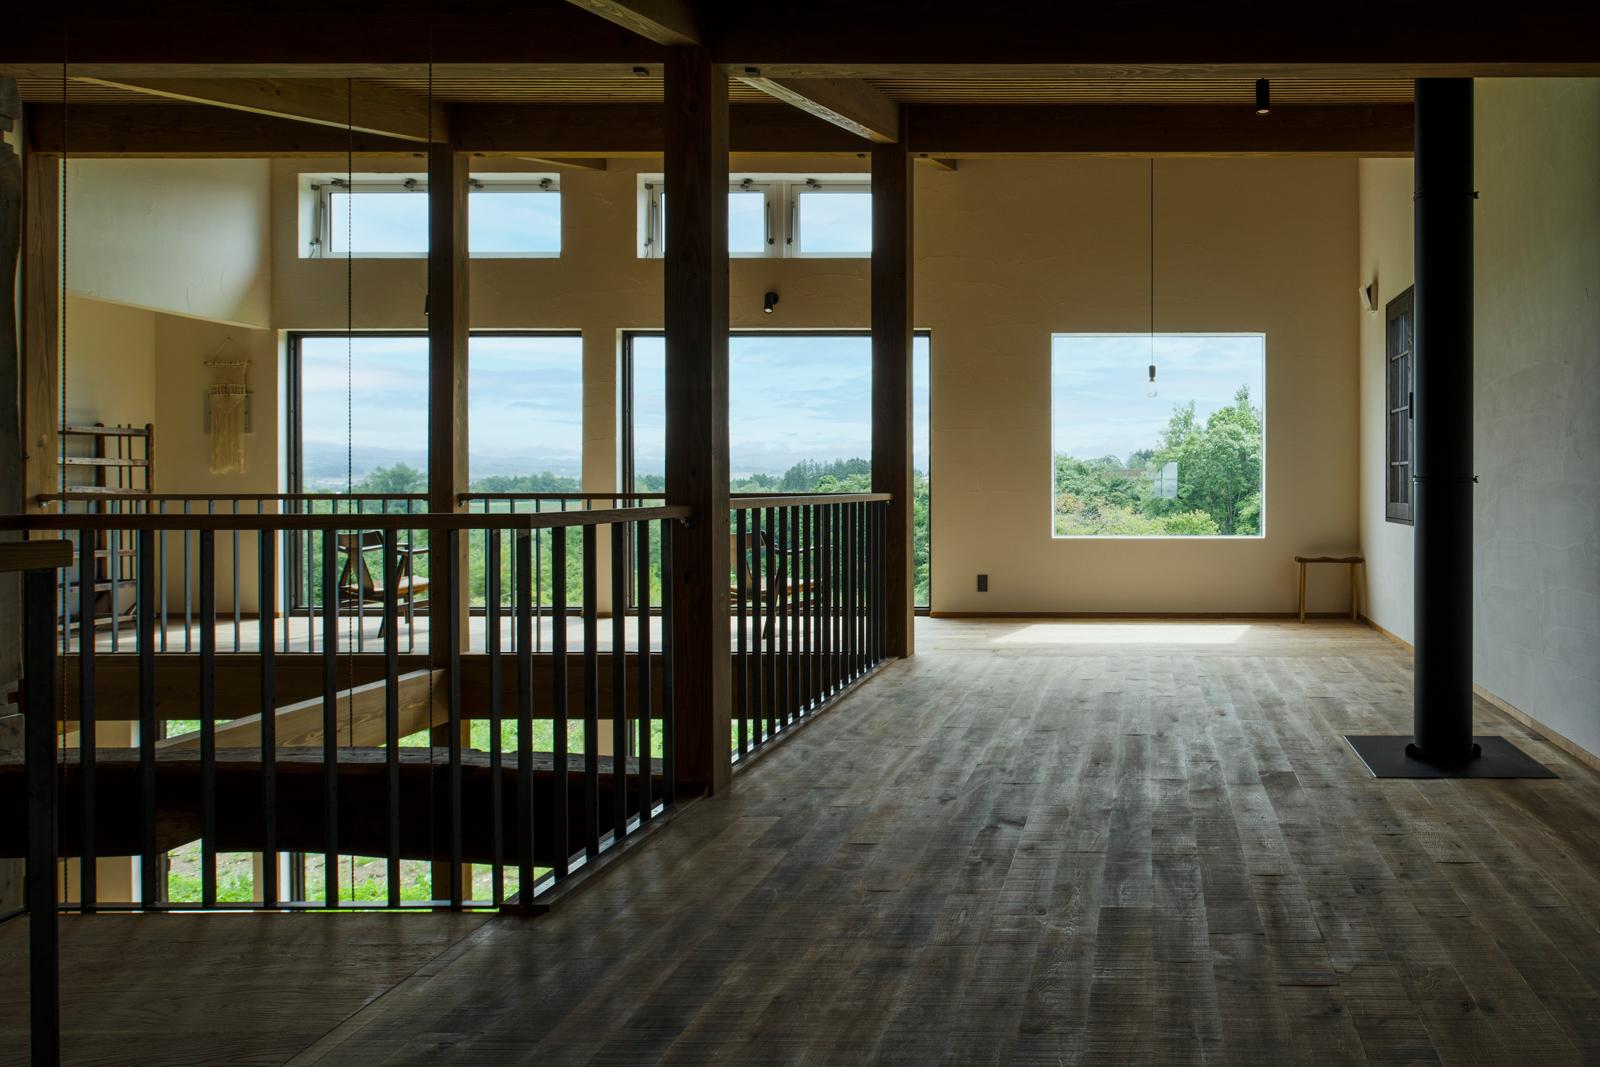 稲妻の階段でつながる2階は、ヨガ教室などにも活用されているギャラリースペース。冬は、階下の薪ストーブの温もりが煙突越しに伝わる